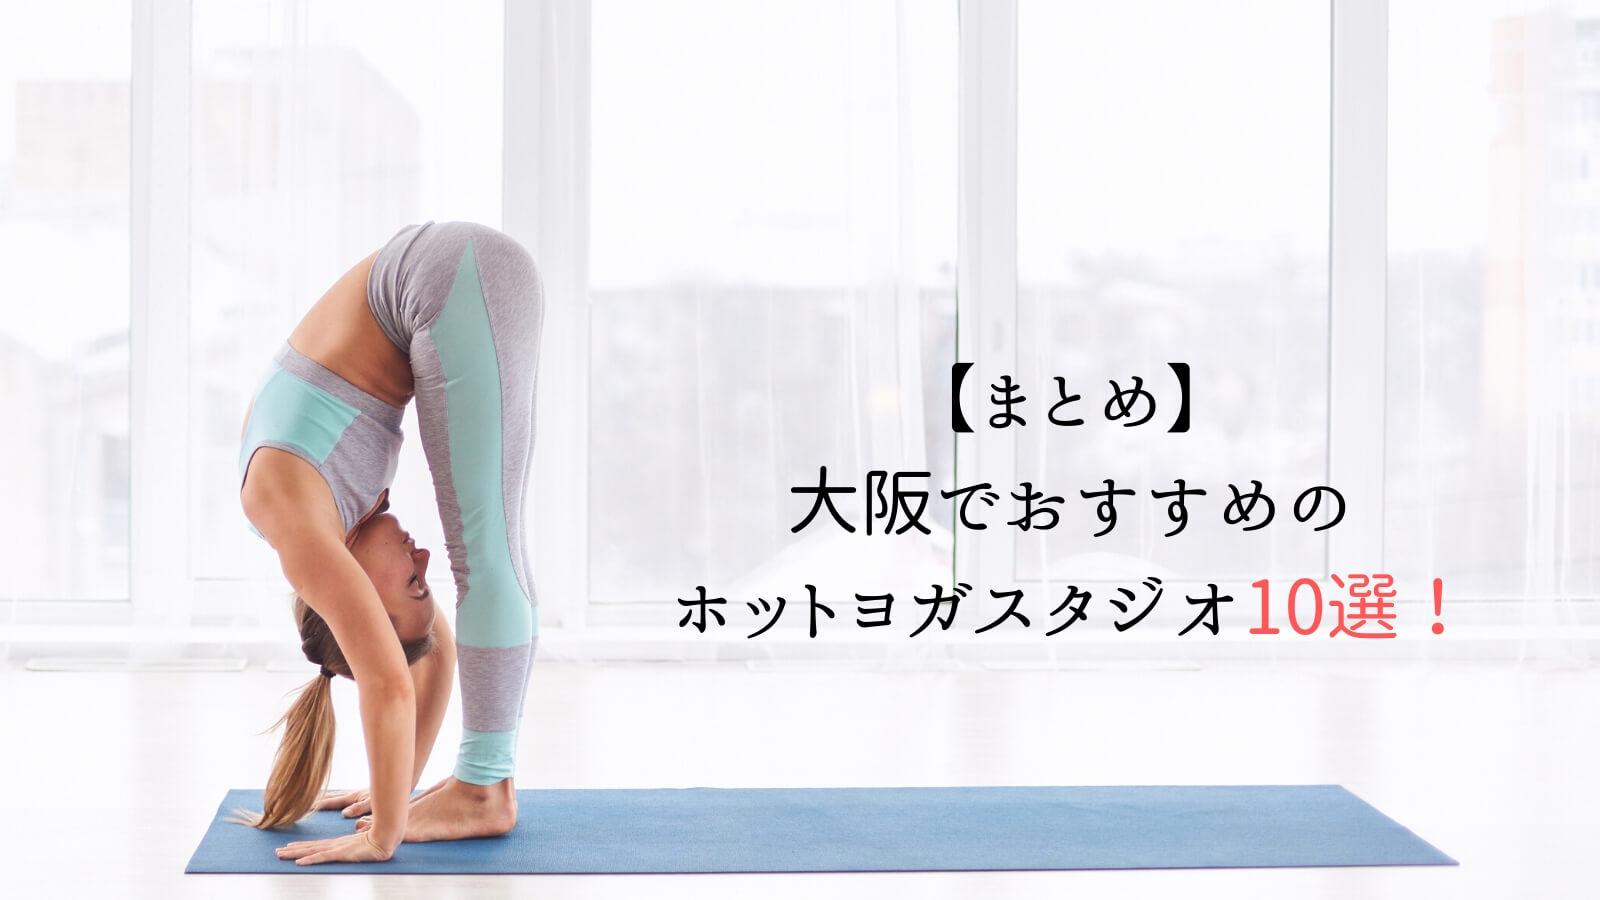 【まとめ】大阪でおすすめのホットヨガスタジオ口コミランキング10選